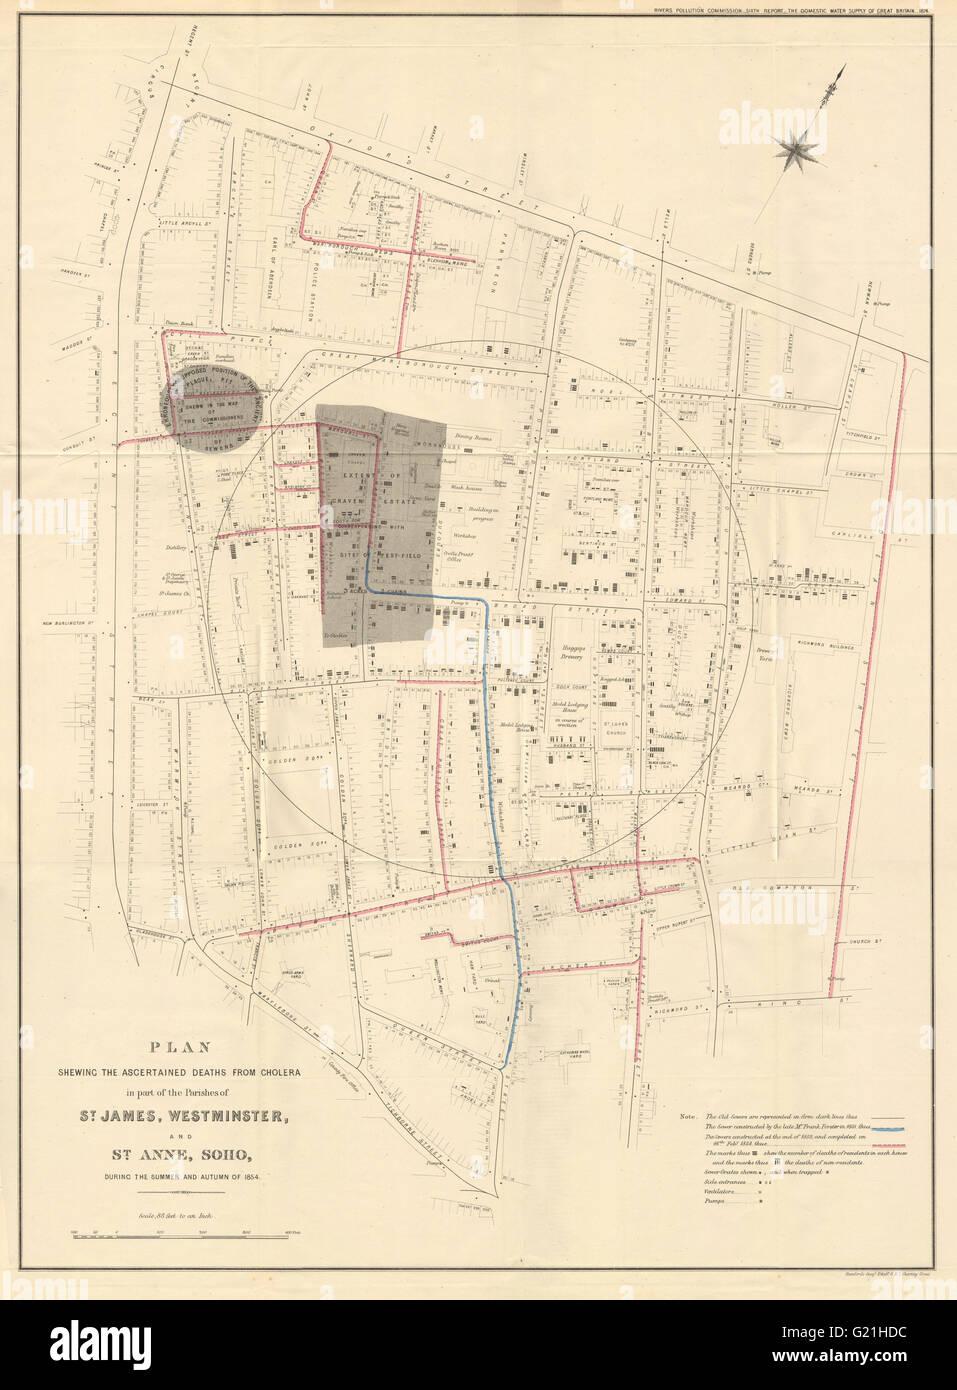 Map Soho London.Deaths From Cholera Outbreak In Soho London In 1854 John Snow